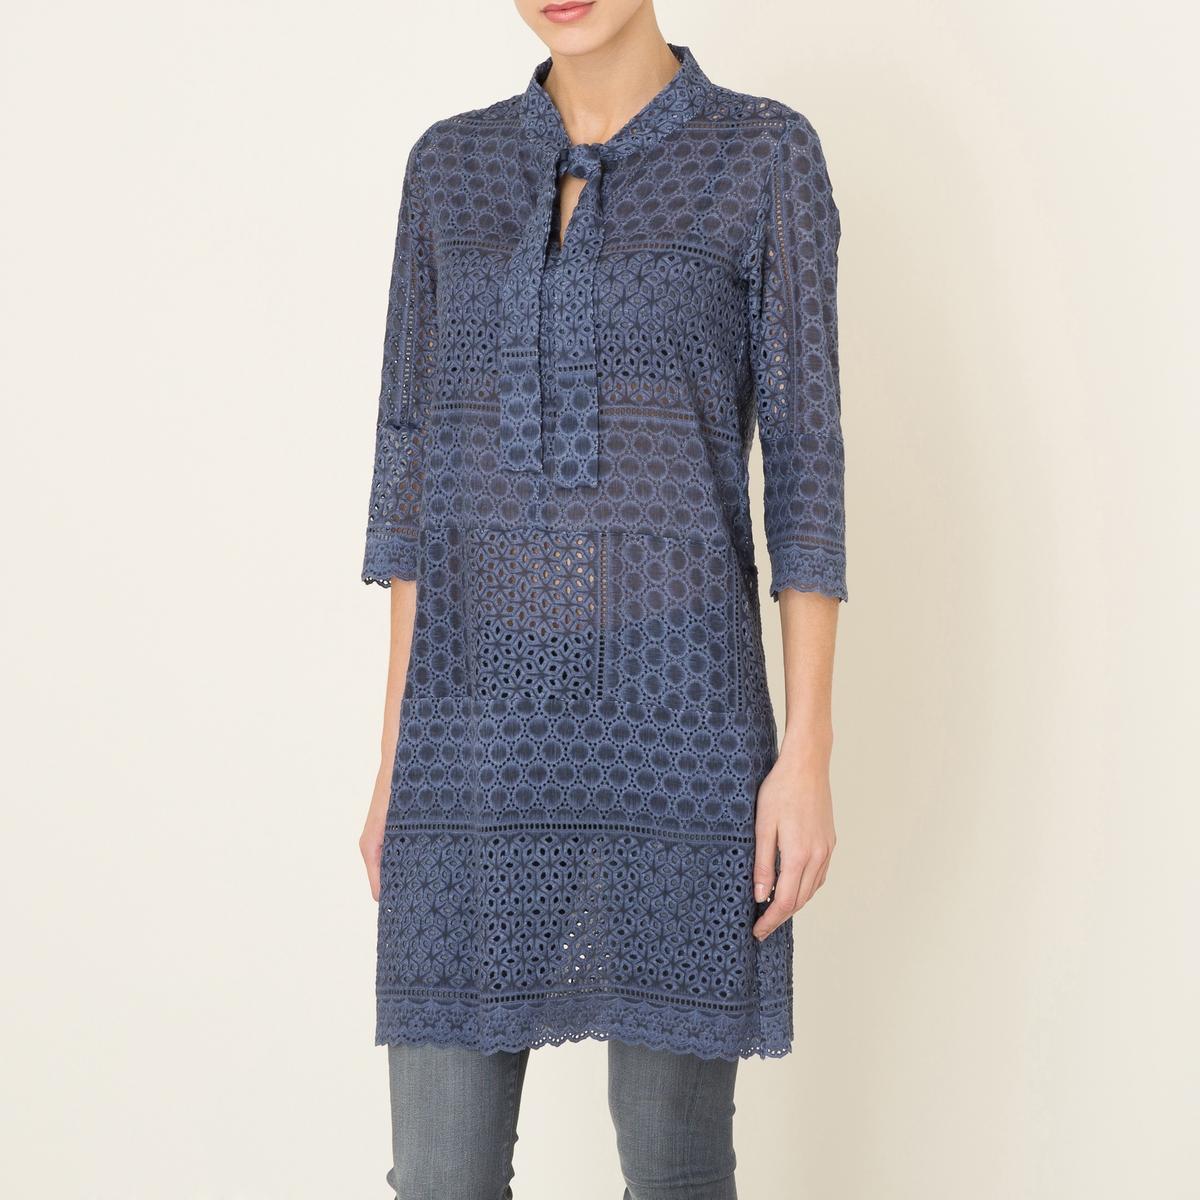 Платье TACEYПлатье VALERIE KHALFON, модель TACEY. Вырез с галстуком-бантом. Длинные рукава. Вышивка и сплошной ажурный эффект. Прямой покрой. Состав и описание Материал : 70% хлопок, 30% шелкМарка : VALERIE KHALFON<br><br>Цвет: серый,синий джинсовый